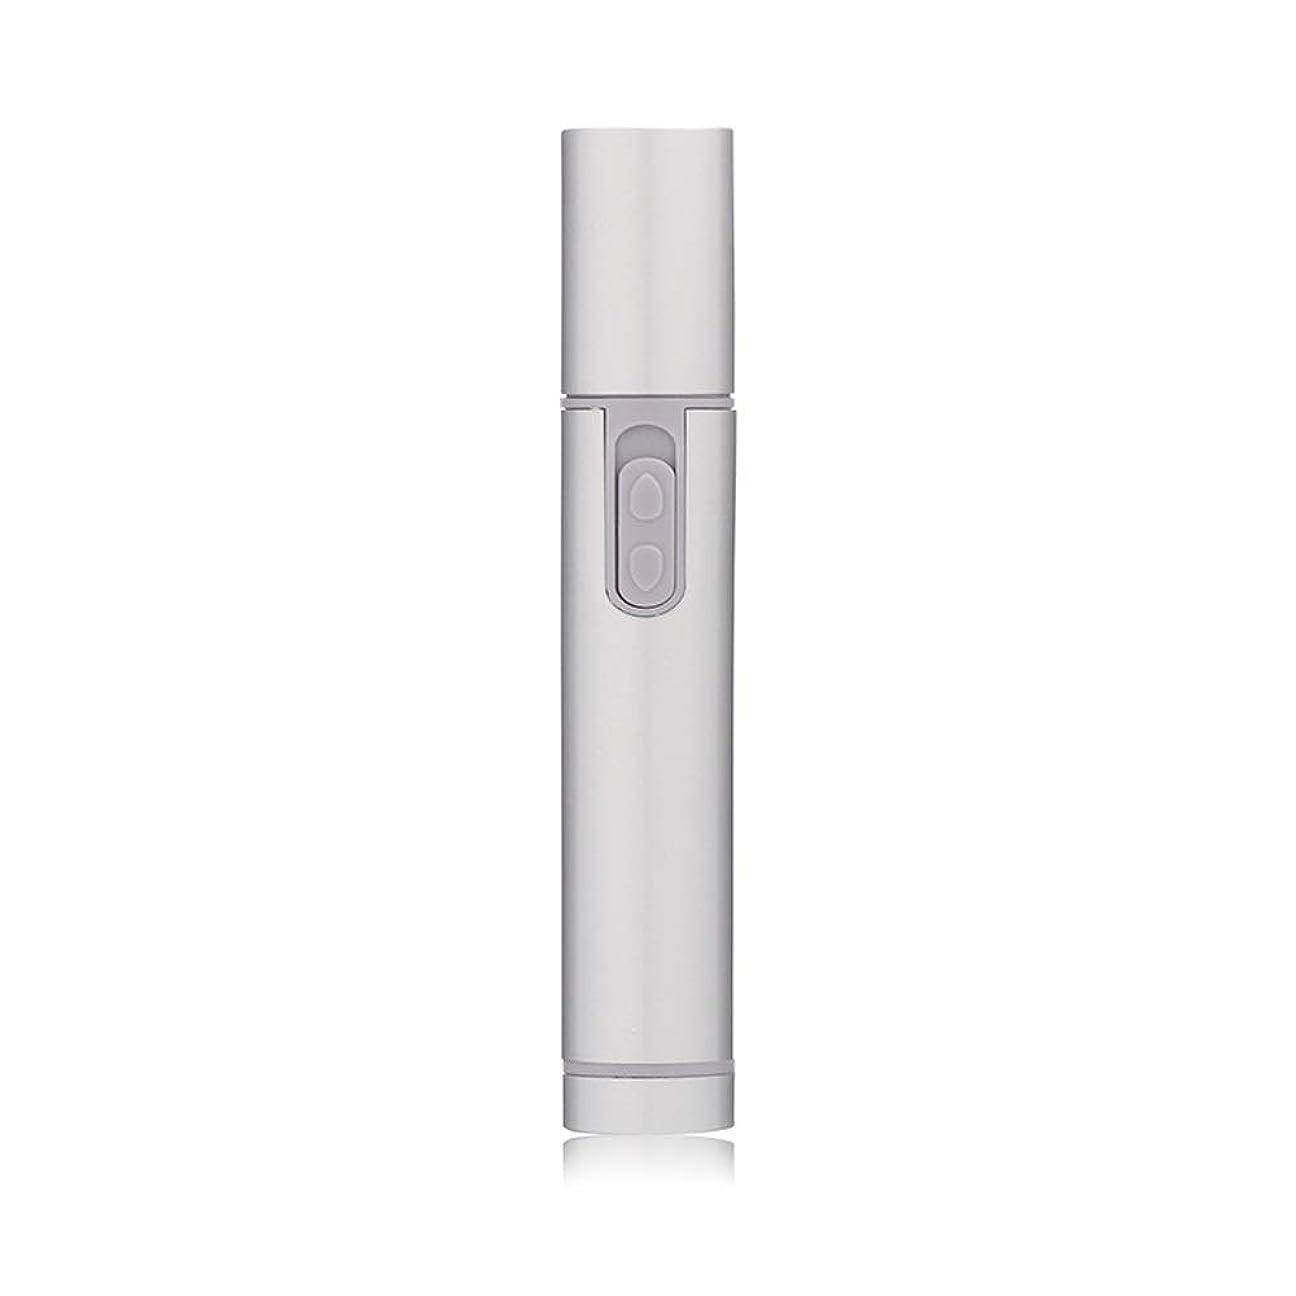 シティ関連する適格鼻毛トリマー-多機能電動鼻毛トリマー/ 360°回転オールラウンド/ナイフヘッド防水洗える/ 11.3-1.4cm 使いやすい